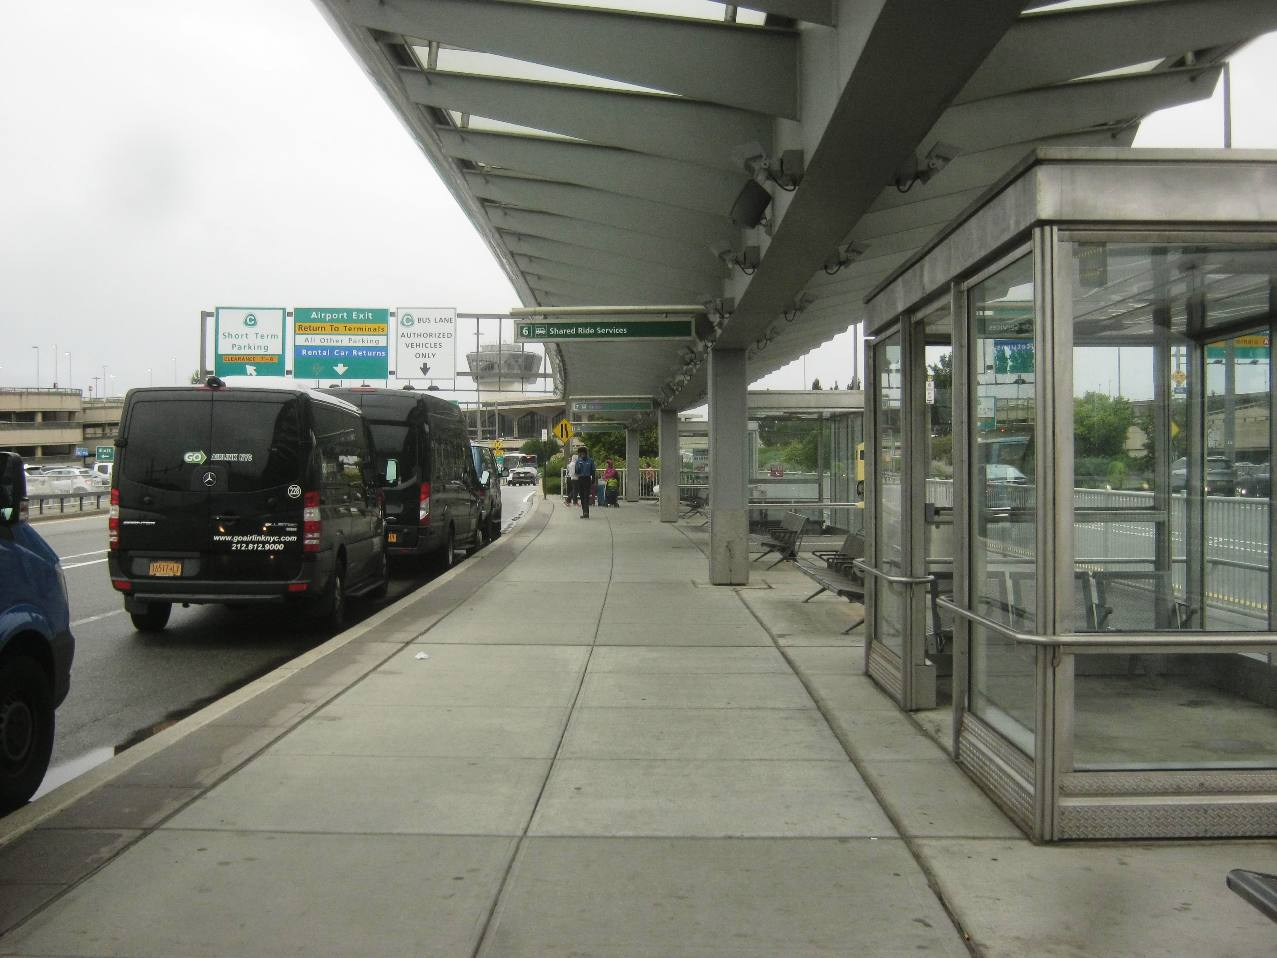 ニューアーク空港の路線バス停車所がベイ右端に。